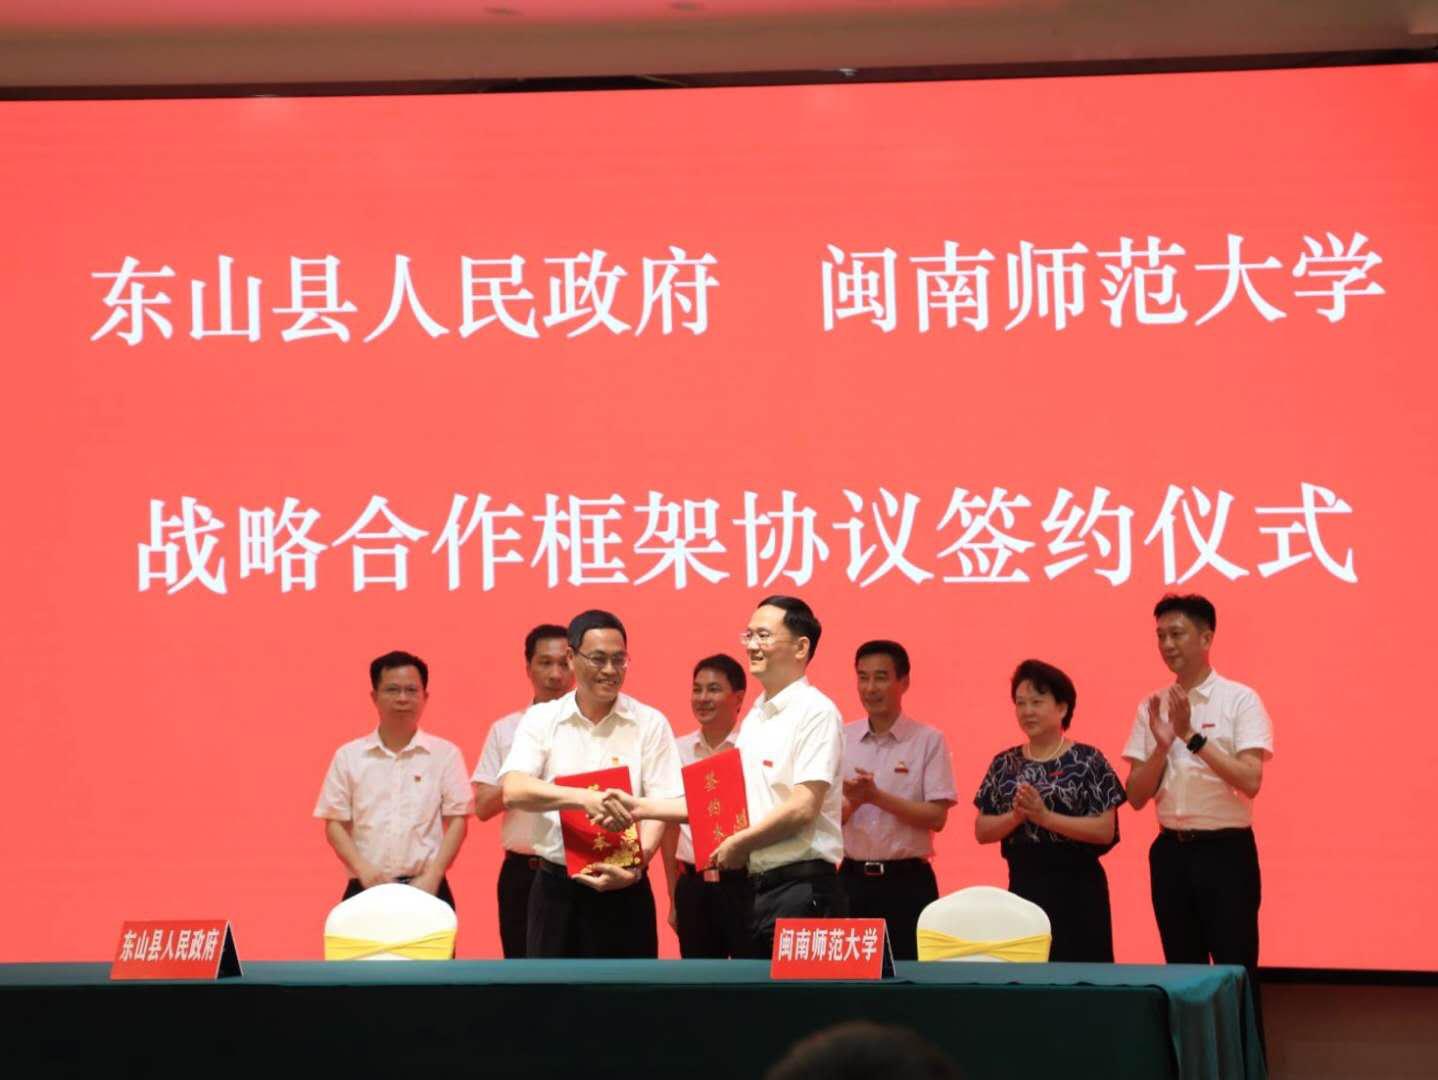 我校与东山县人民政府签订战略合作框架协议